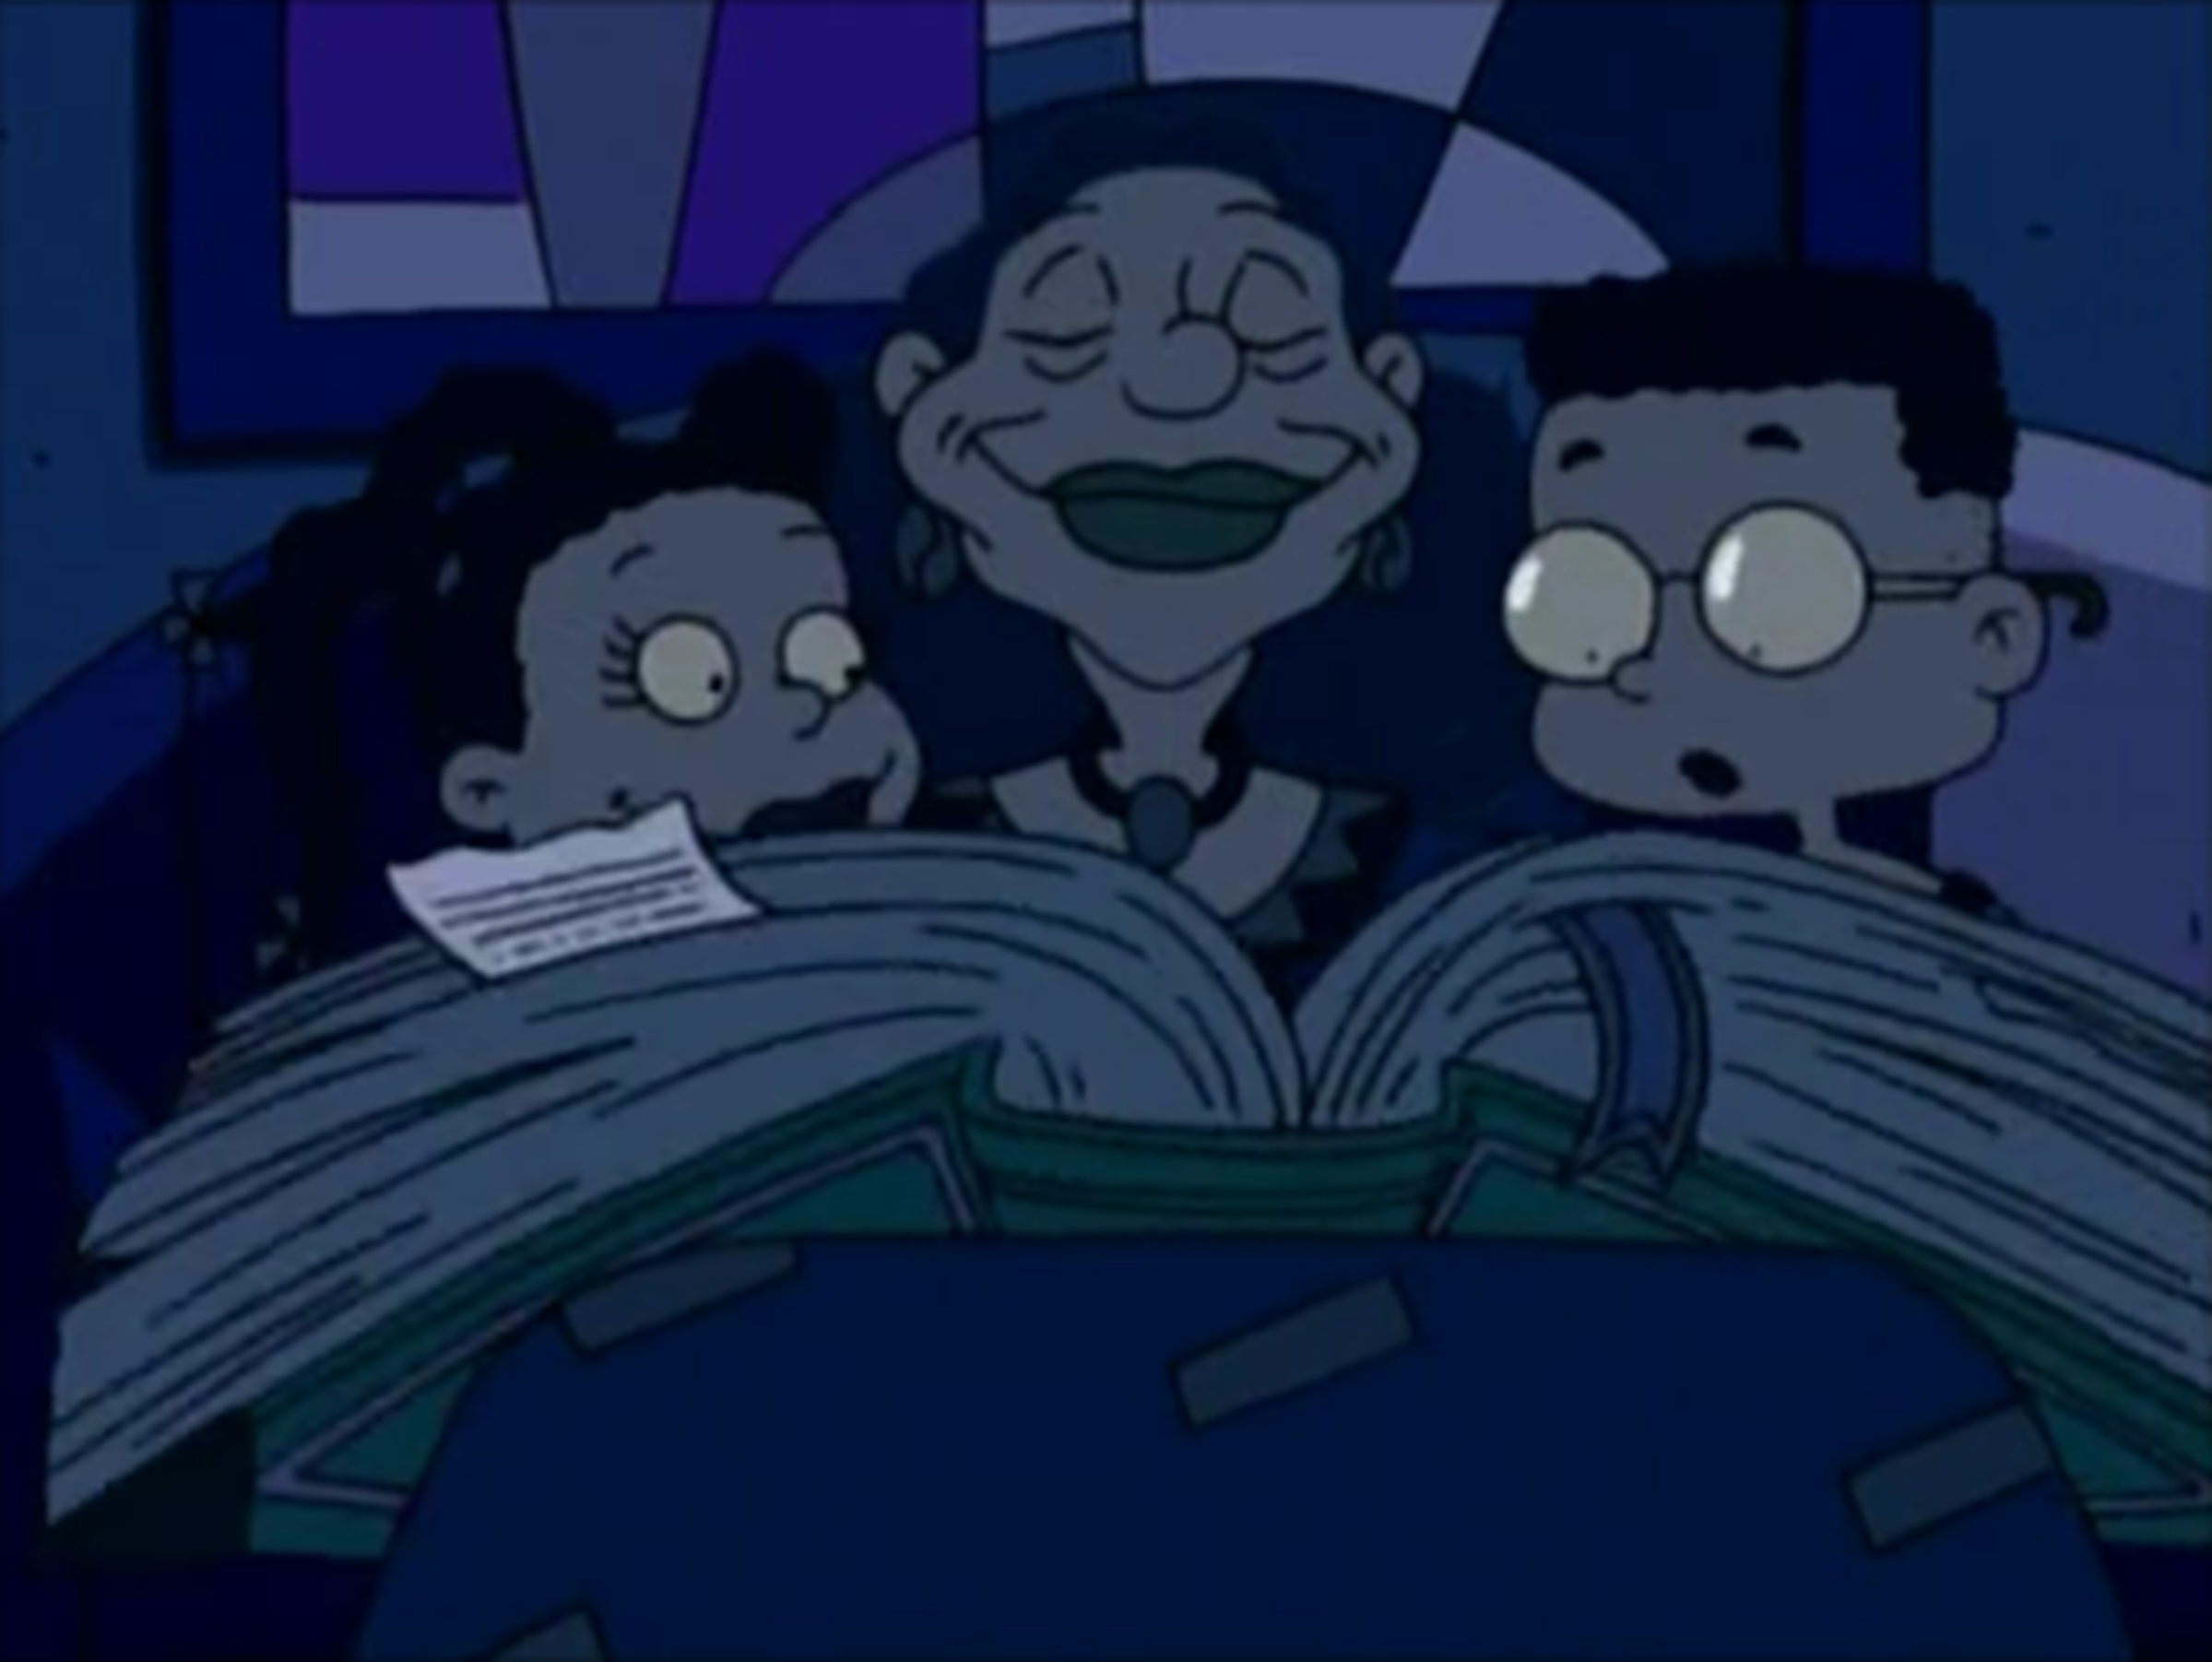 Arquivo:Rugrats - A Rugrats Kwanzaa 177.png